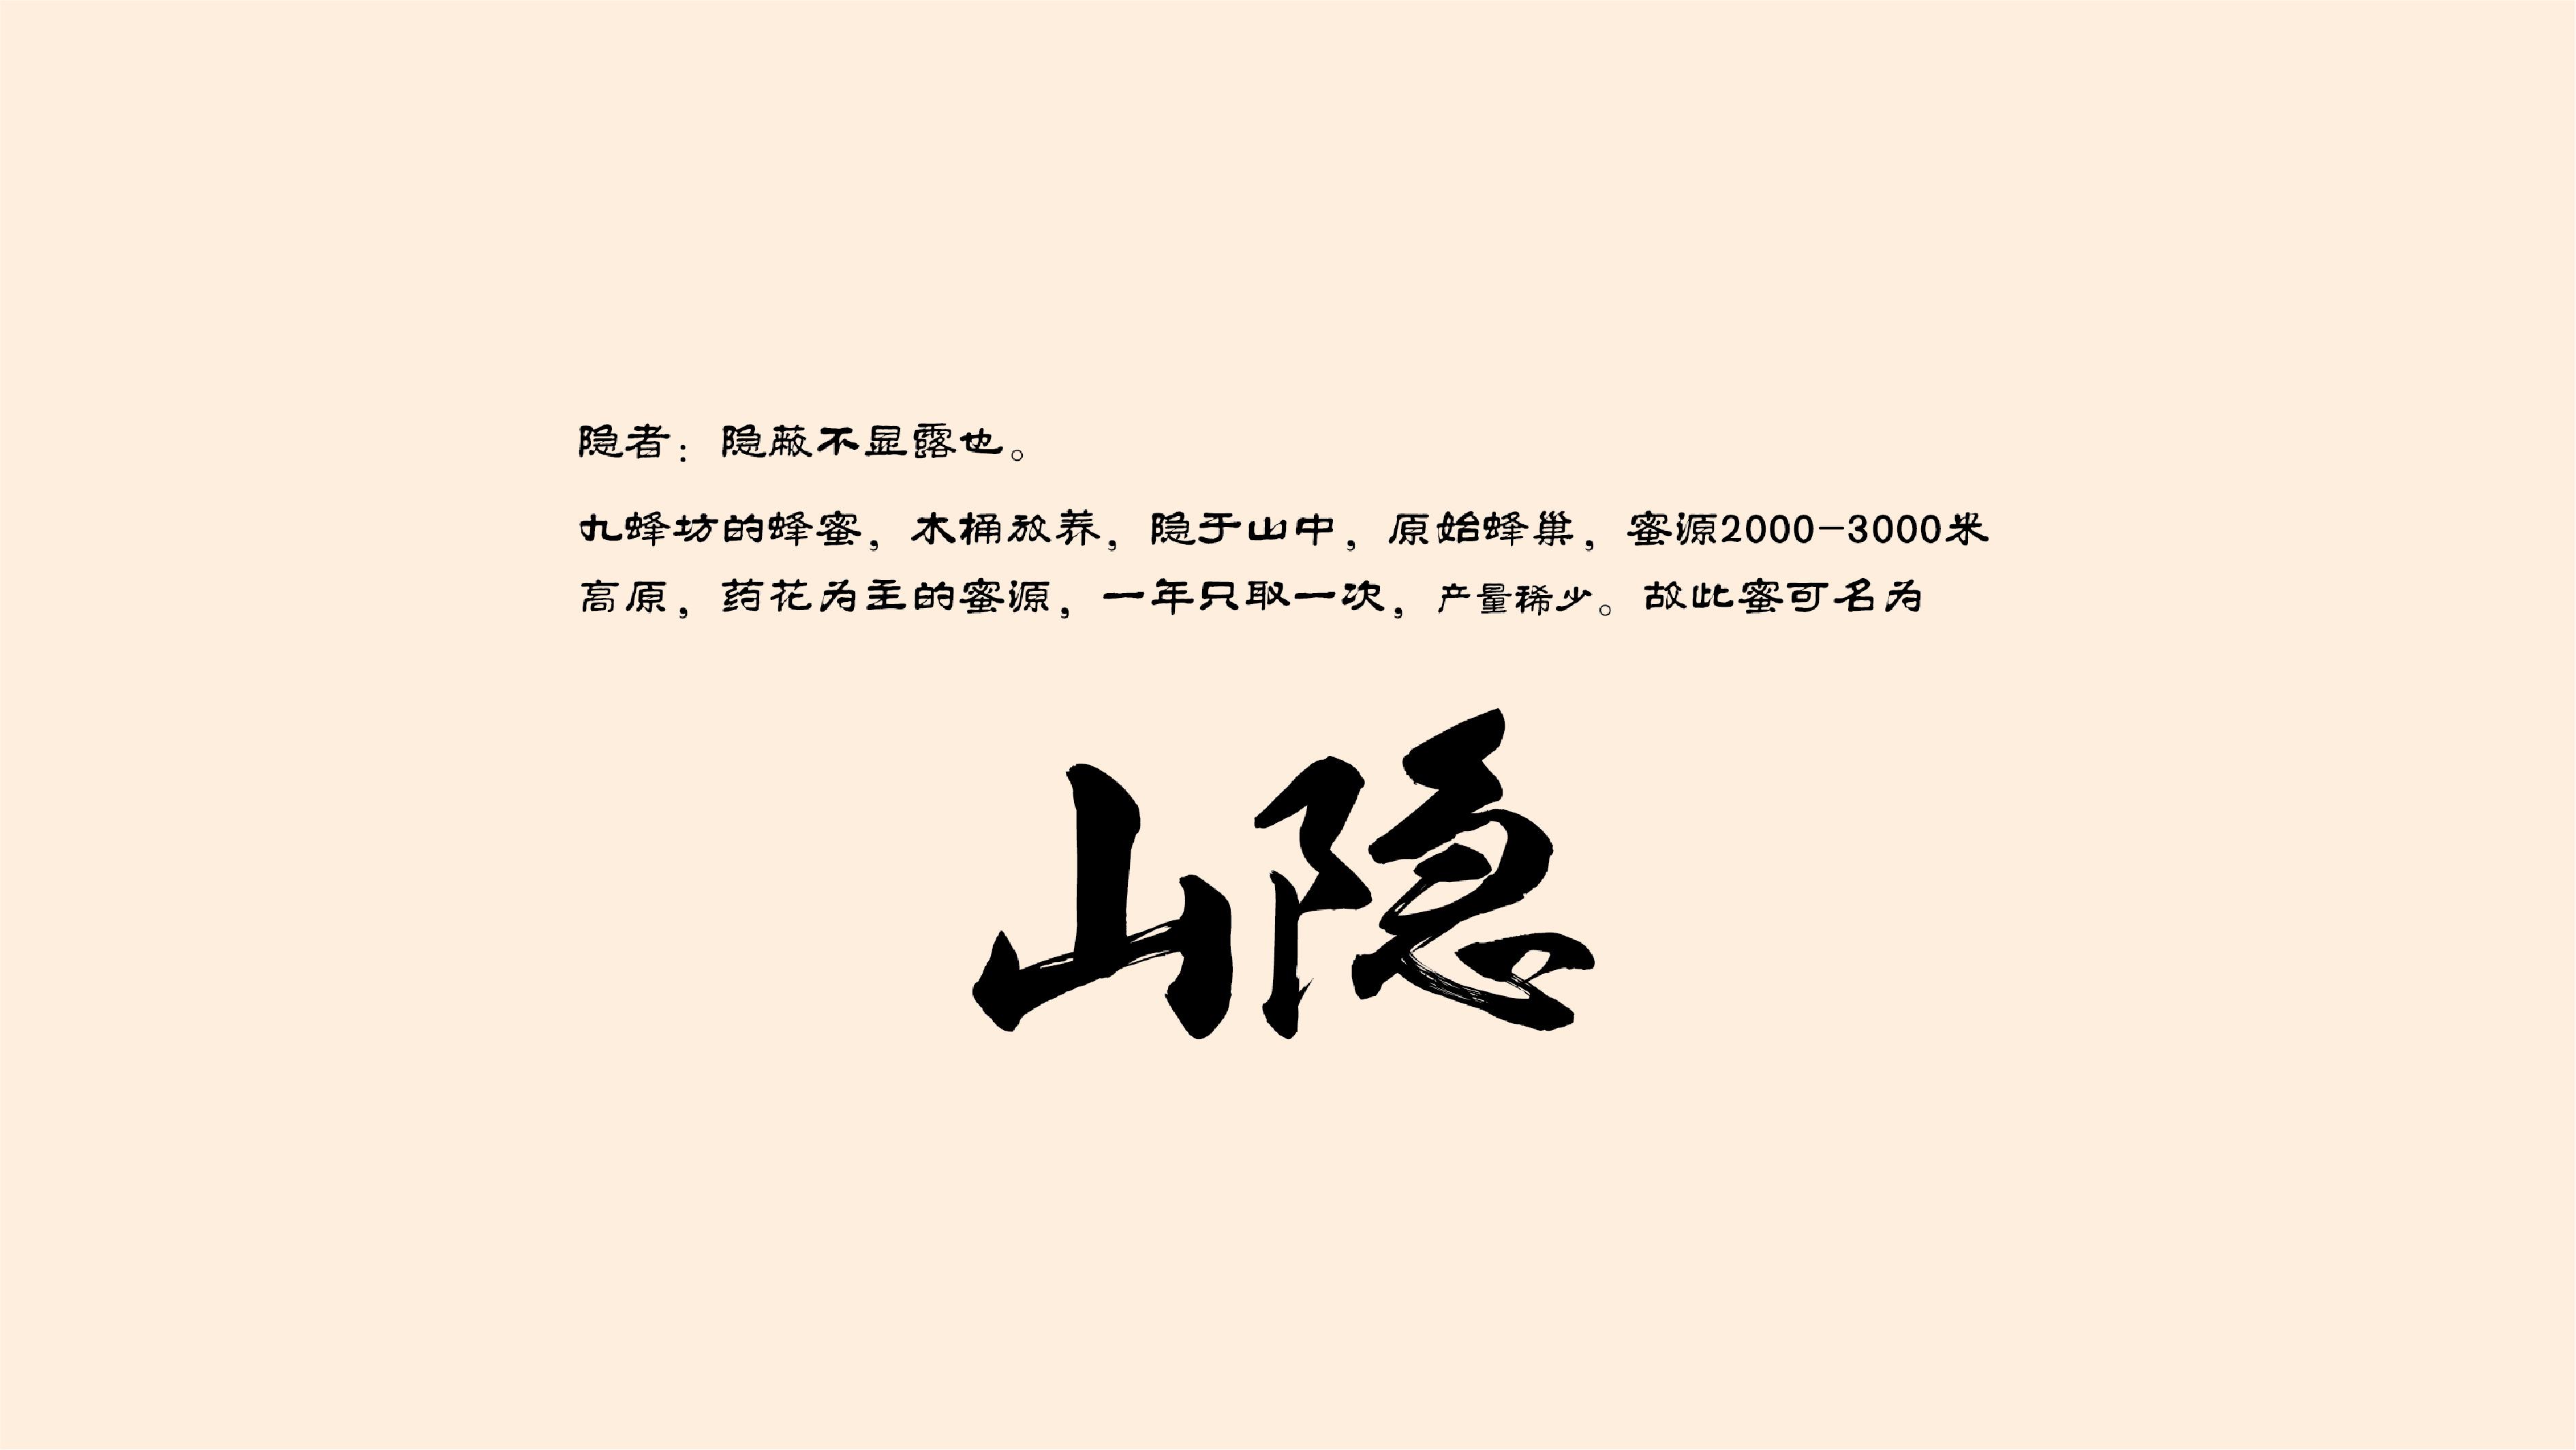 云中蜜-云中蜜-33